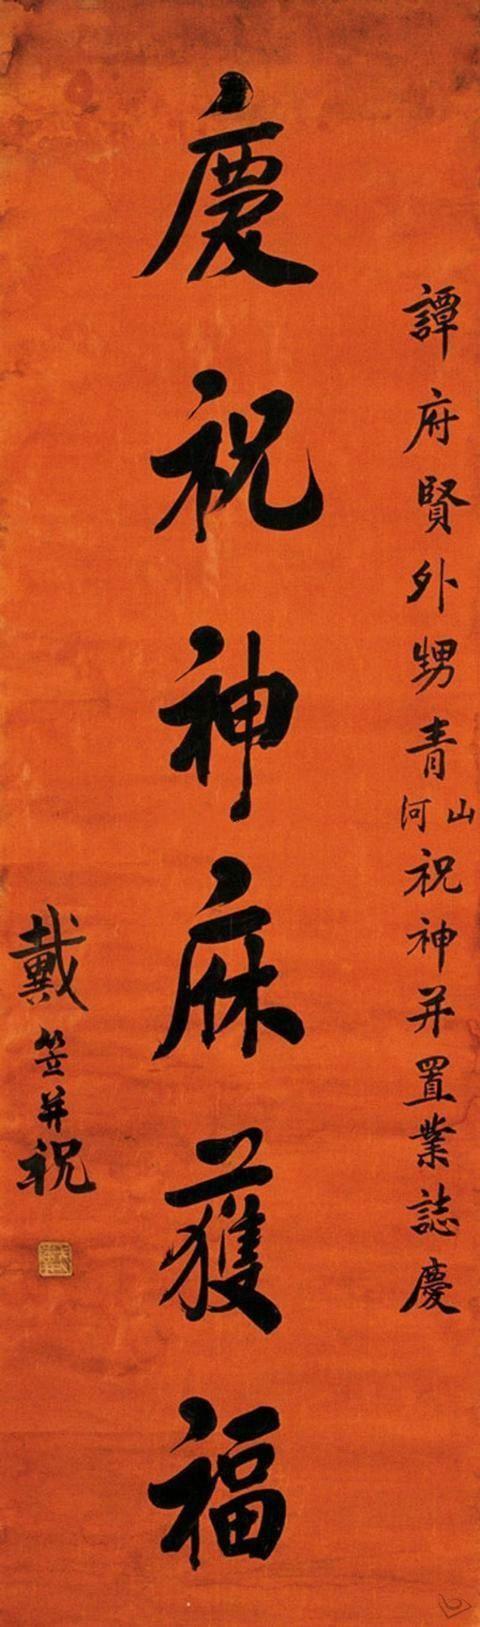 戴笠书法手迹